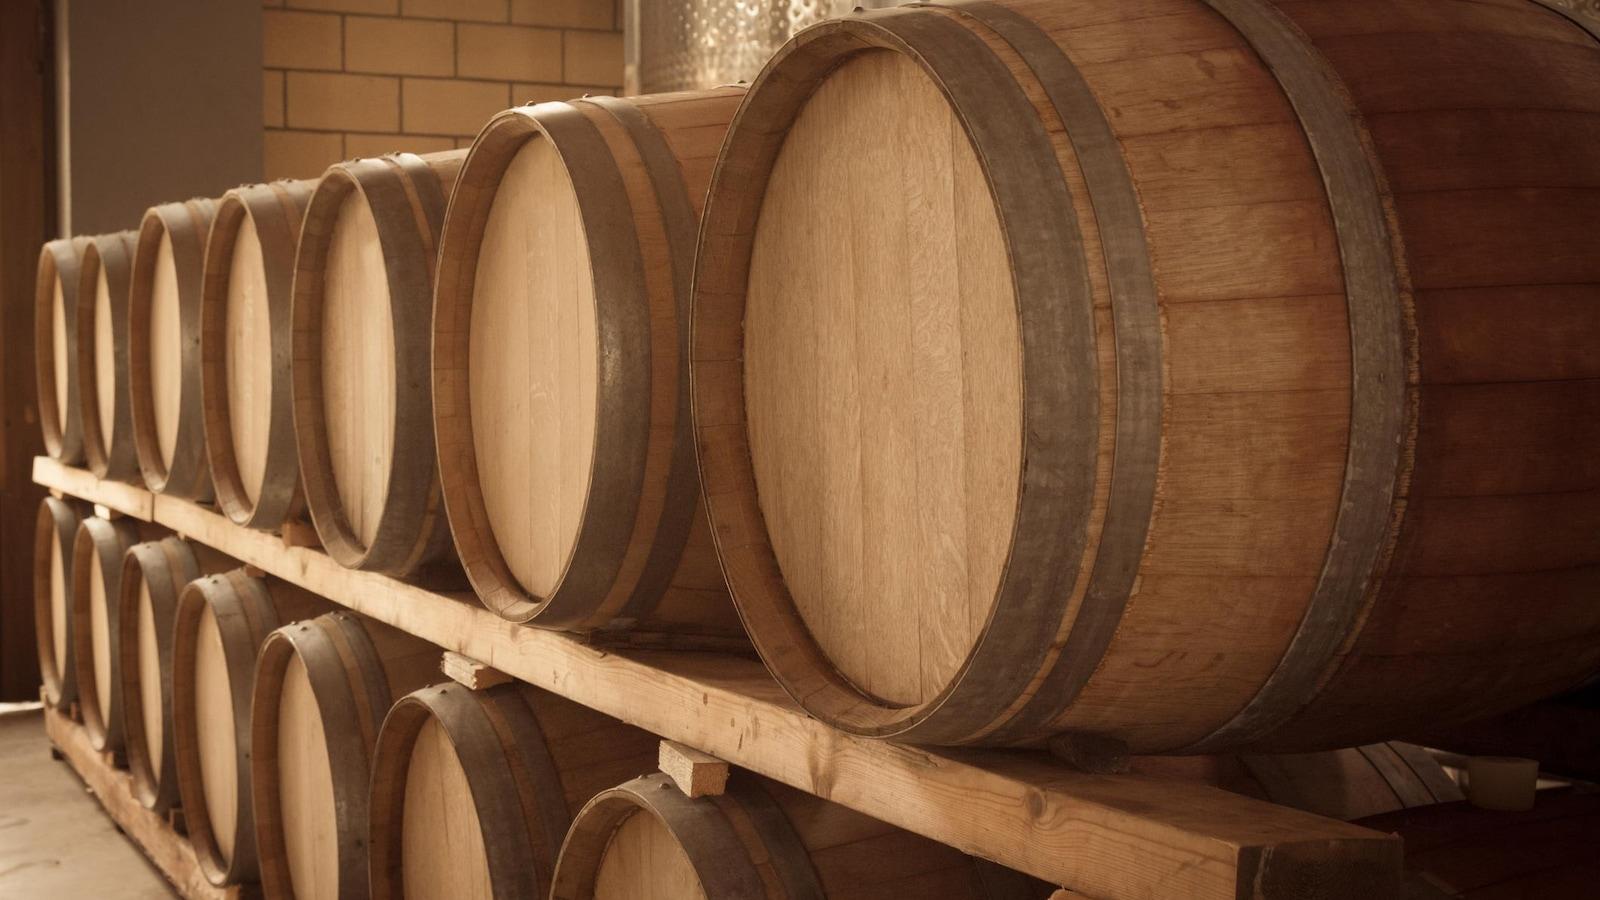 Ces bières sont habituellement vieillies en fûts de chêne. Les micro-organismes s'y trouvant contribuent également au goût du produit fini.